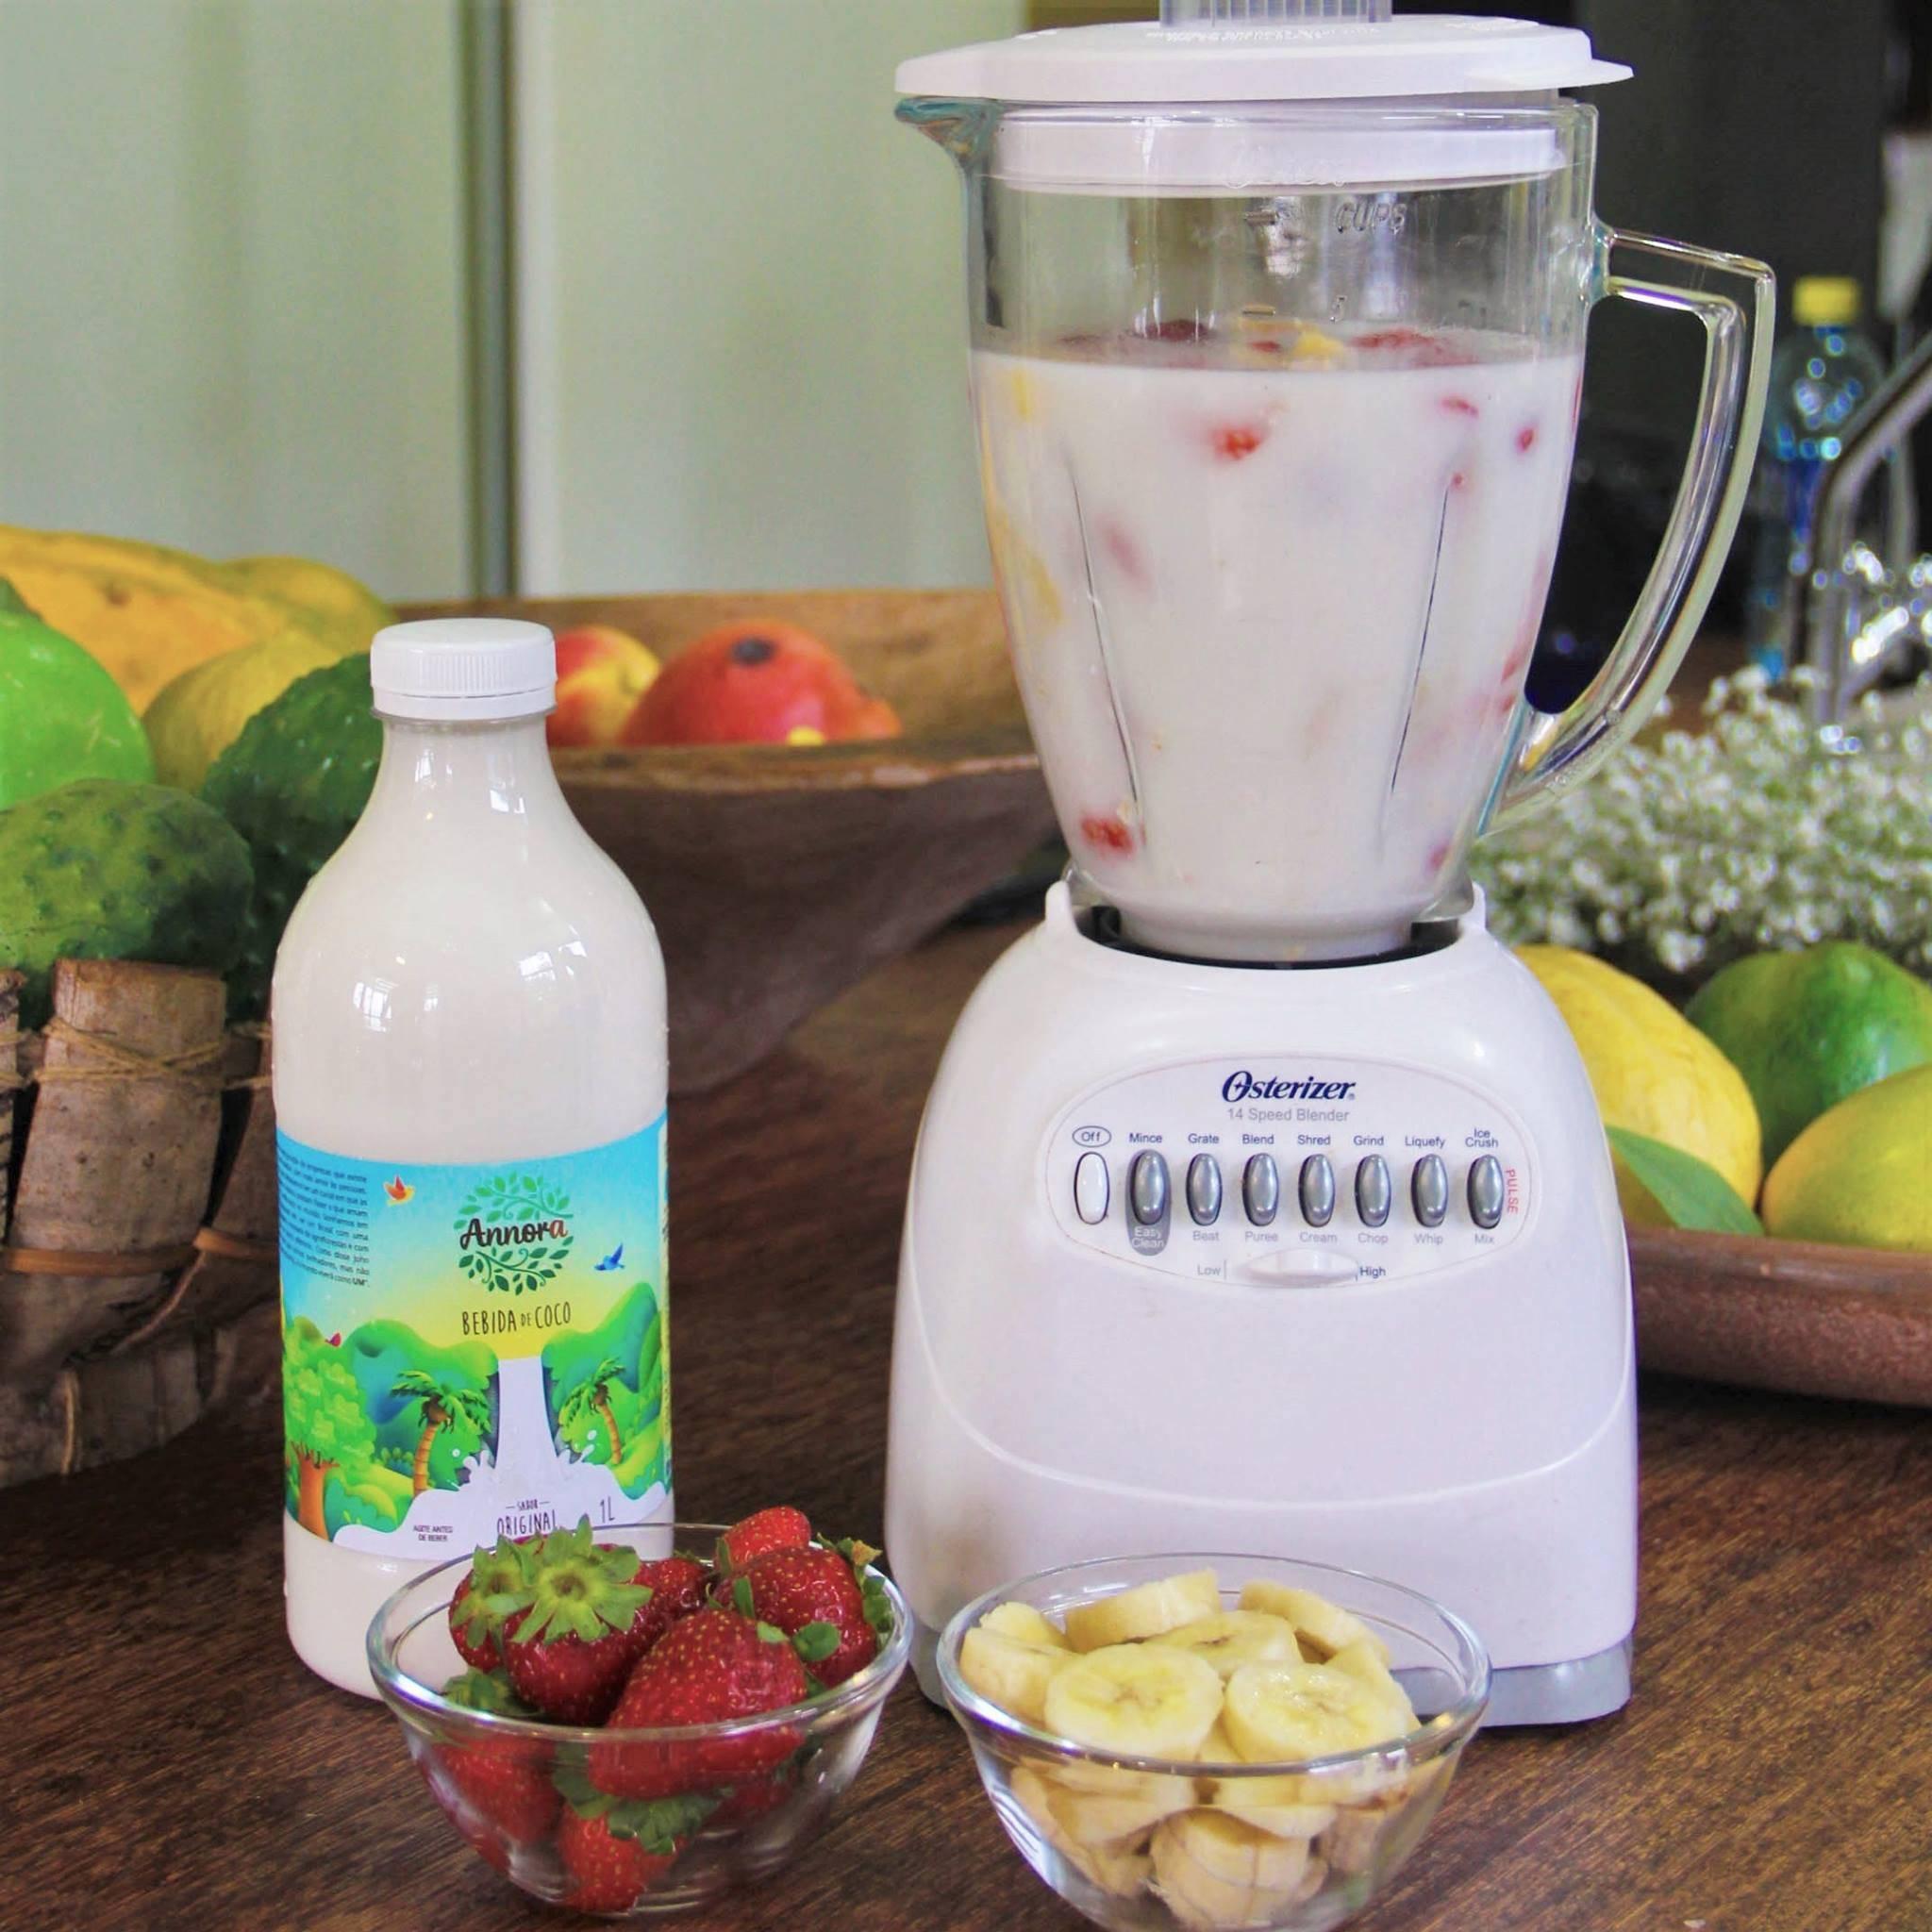 Leite de coco da Annora Alimentos: bebida pasteurizada sem conservantes. Foto: Divulgação